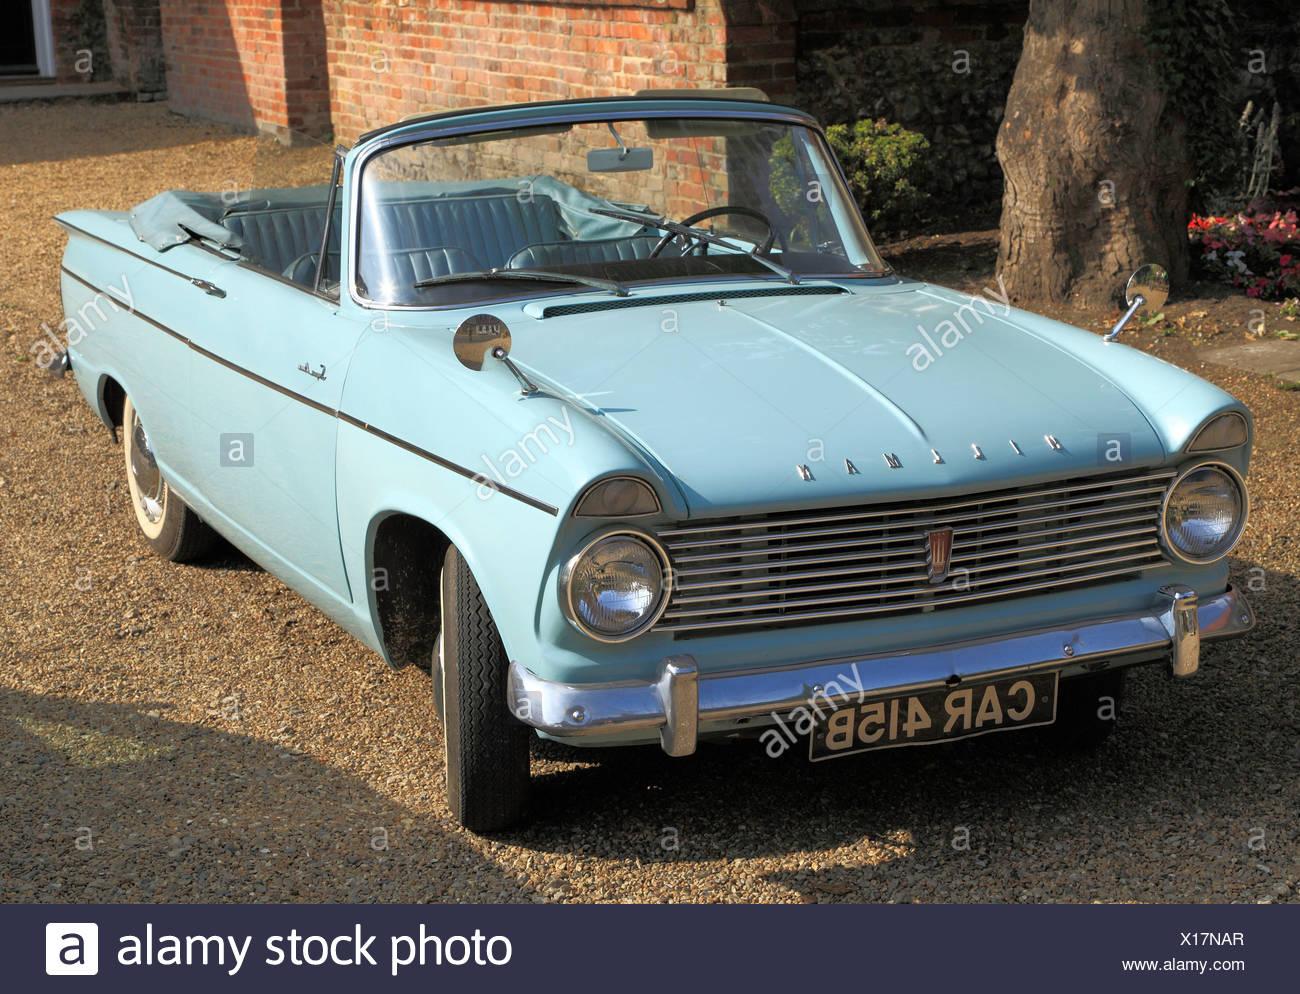 Hillman Super Minx, 1960er Jahre motor Oldtimer, britische Oldtimer Fahrzeuge Hillmans, Cabrio Cabrios, England UK Stockbild